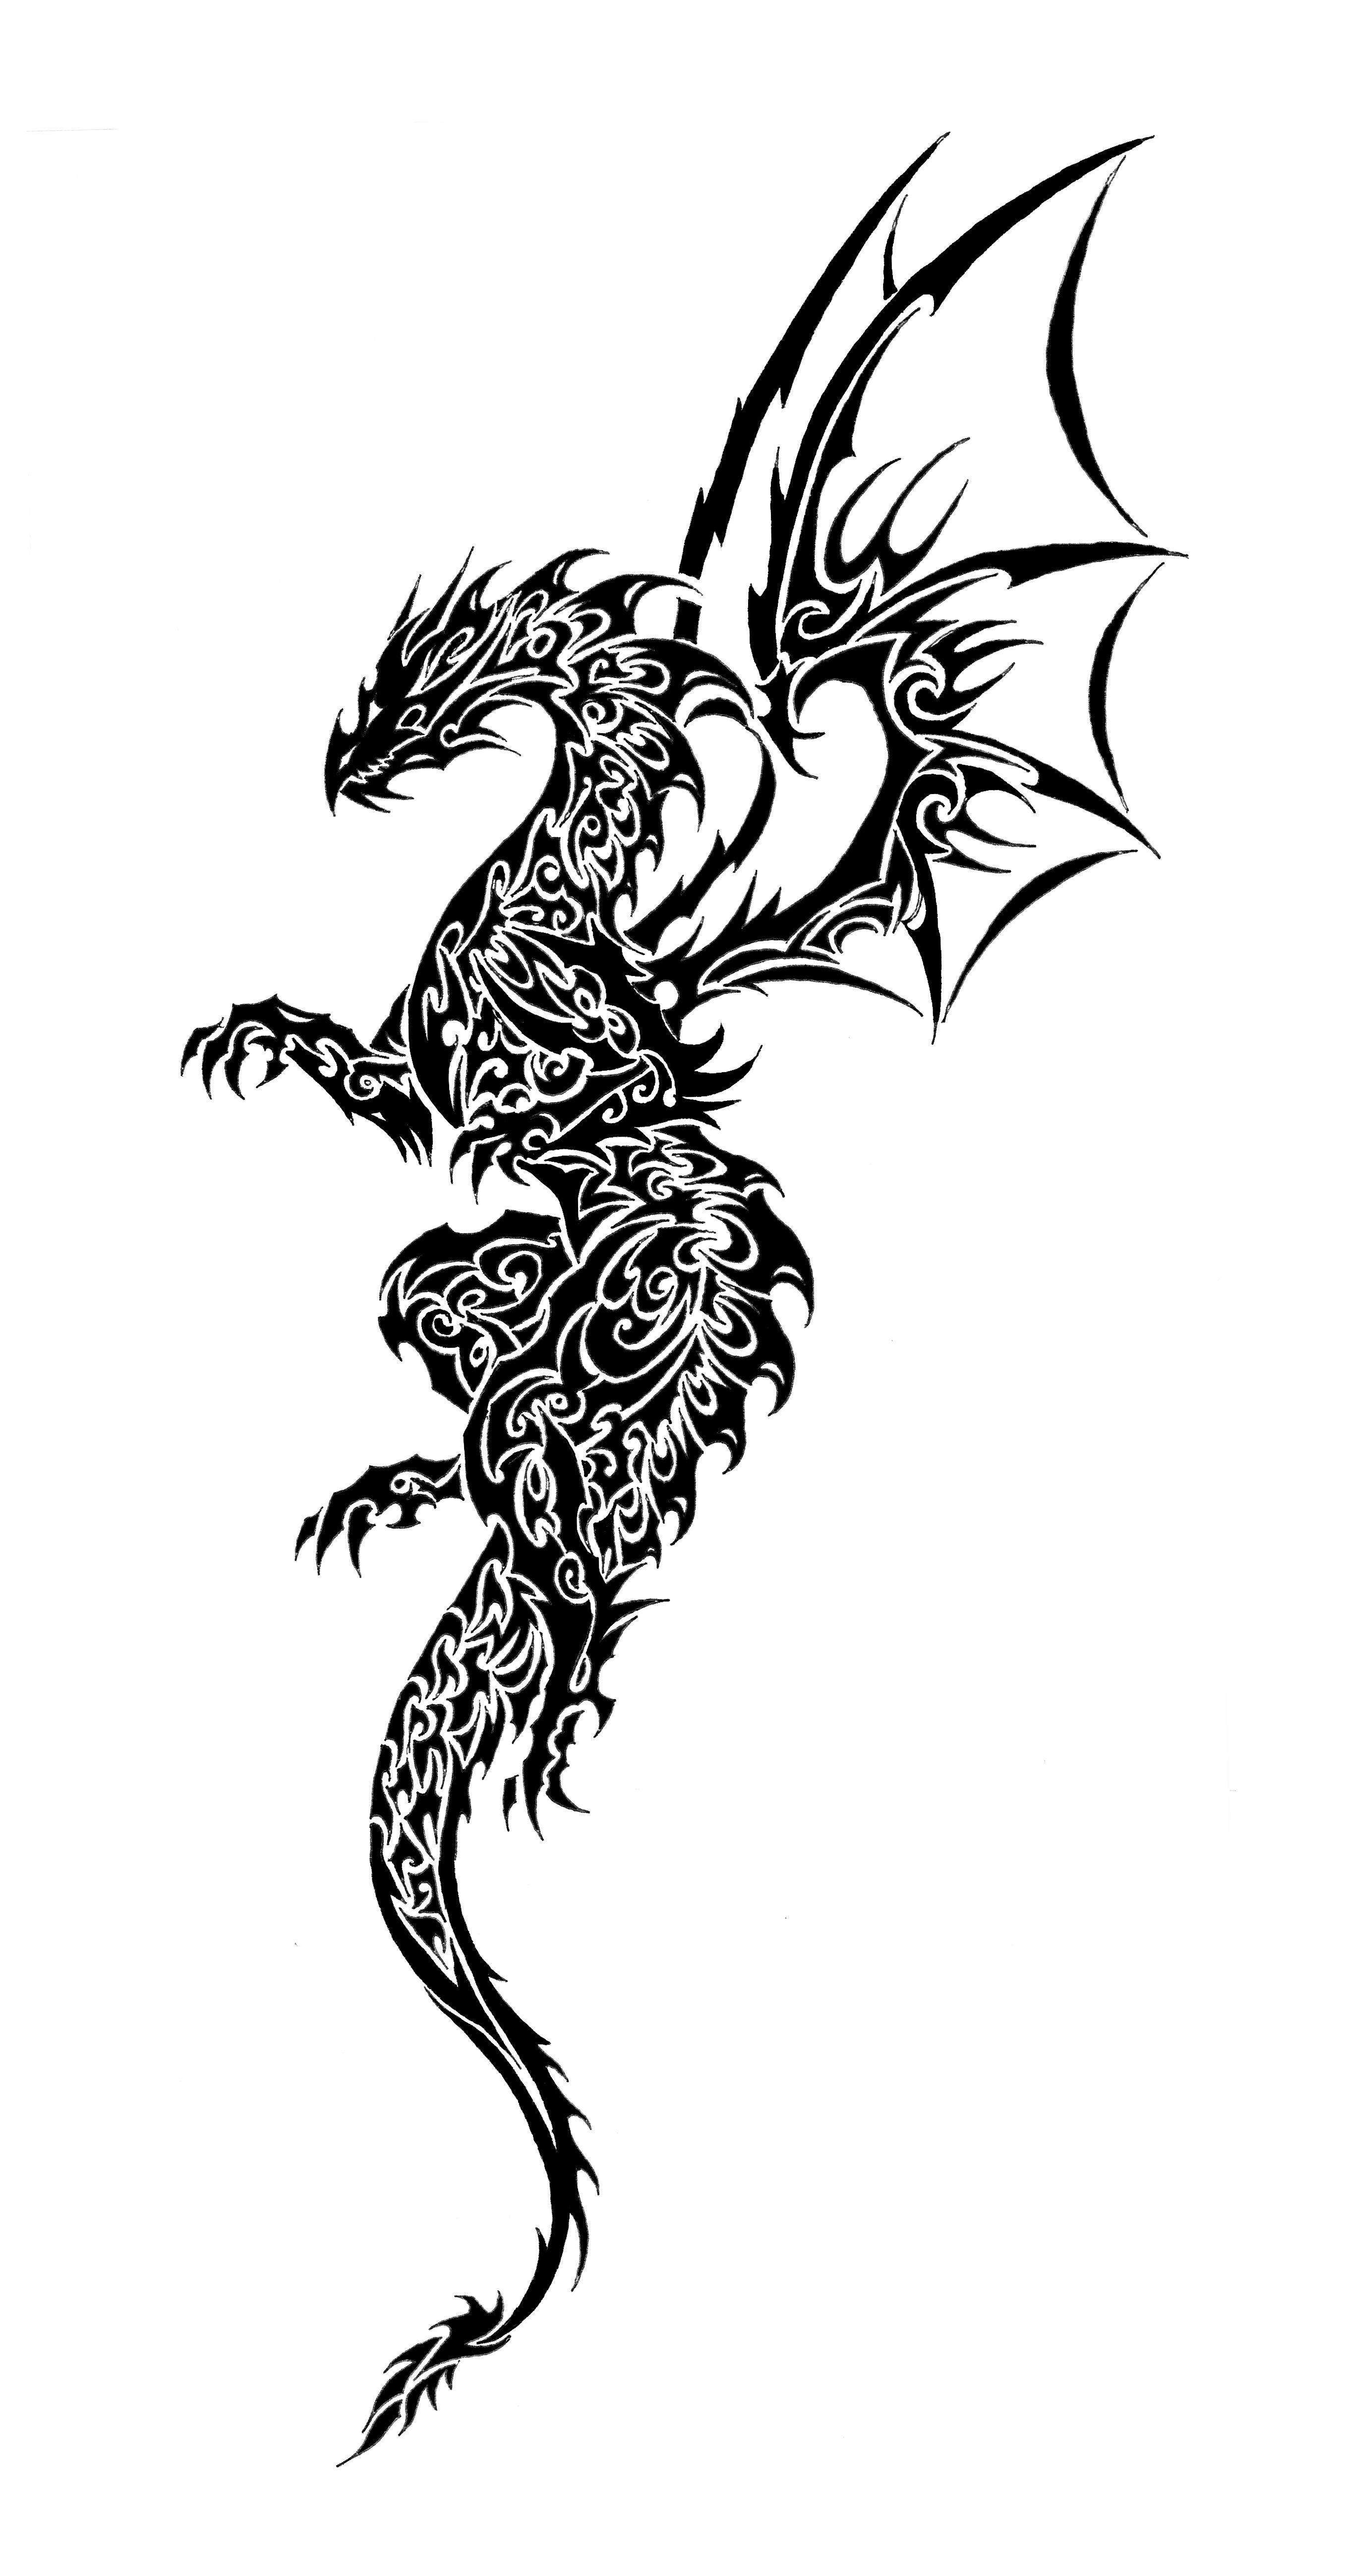 Тату с Драконом. Татуировки для Мужчин и Женщин + 155 ФОТО ...